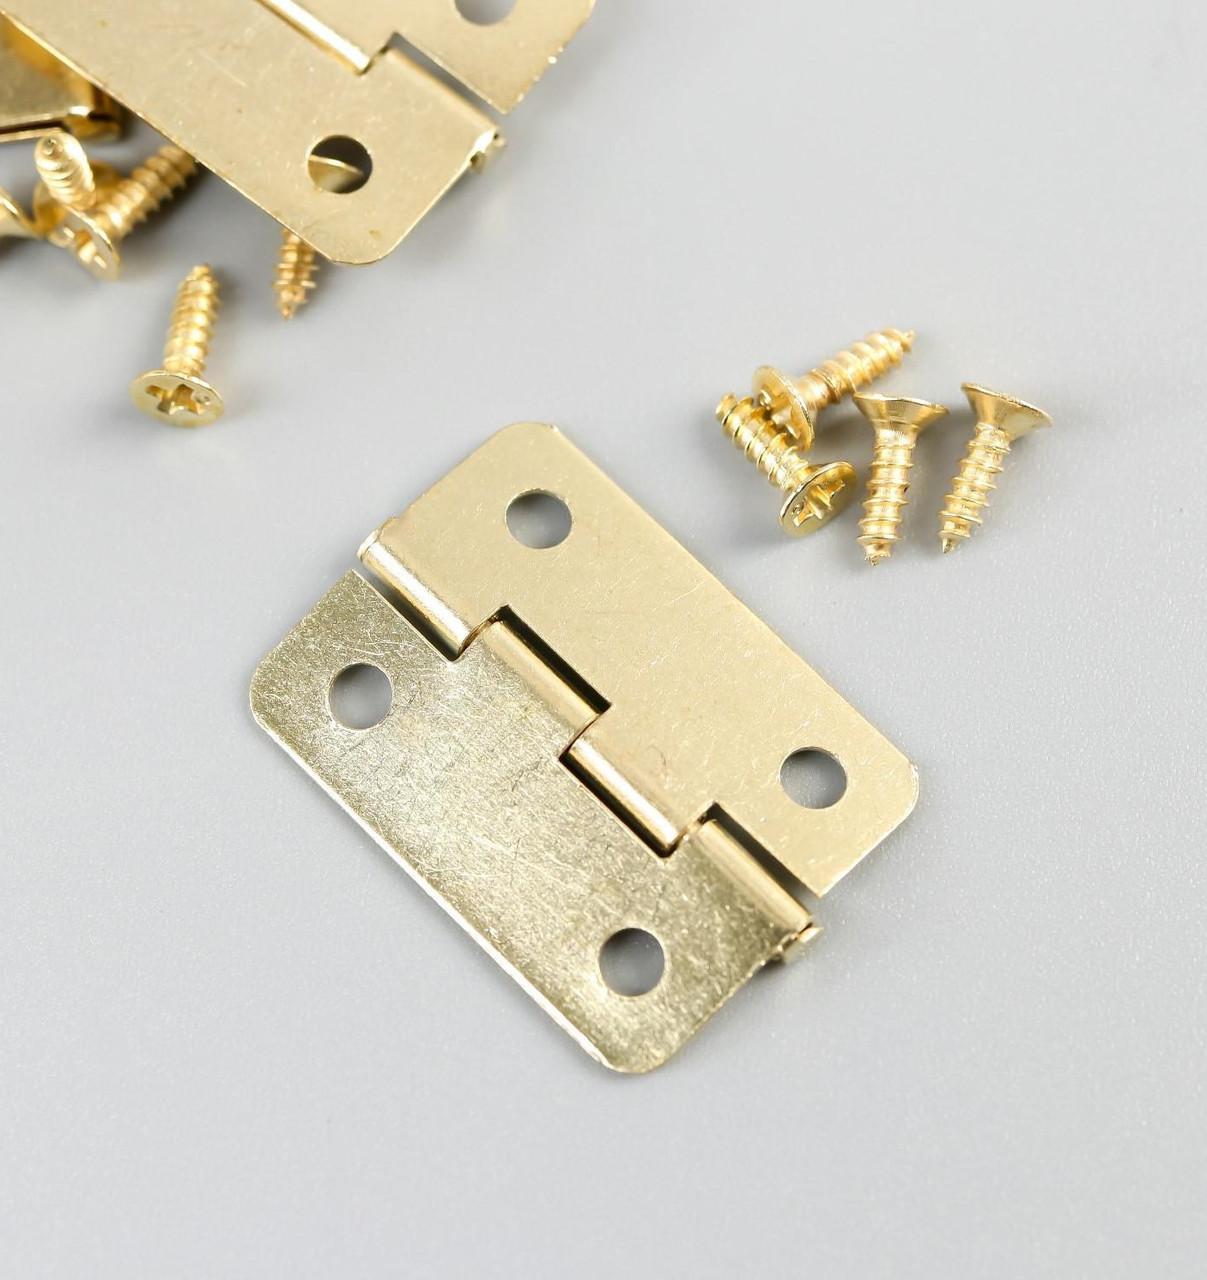 Петля для шкатулки металл с закругленными углами золото набор 4 шт 2,5х2,2 см